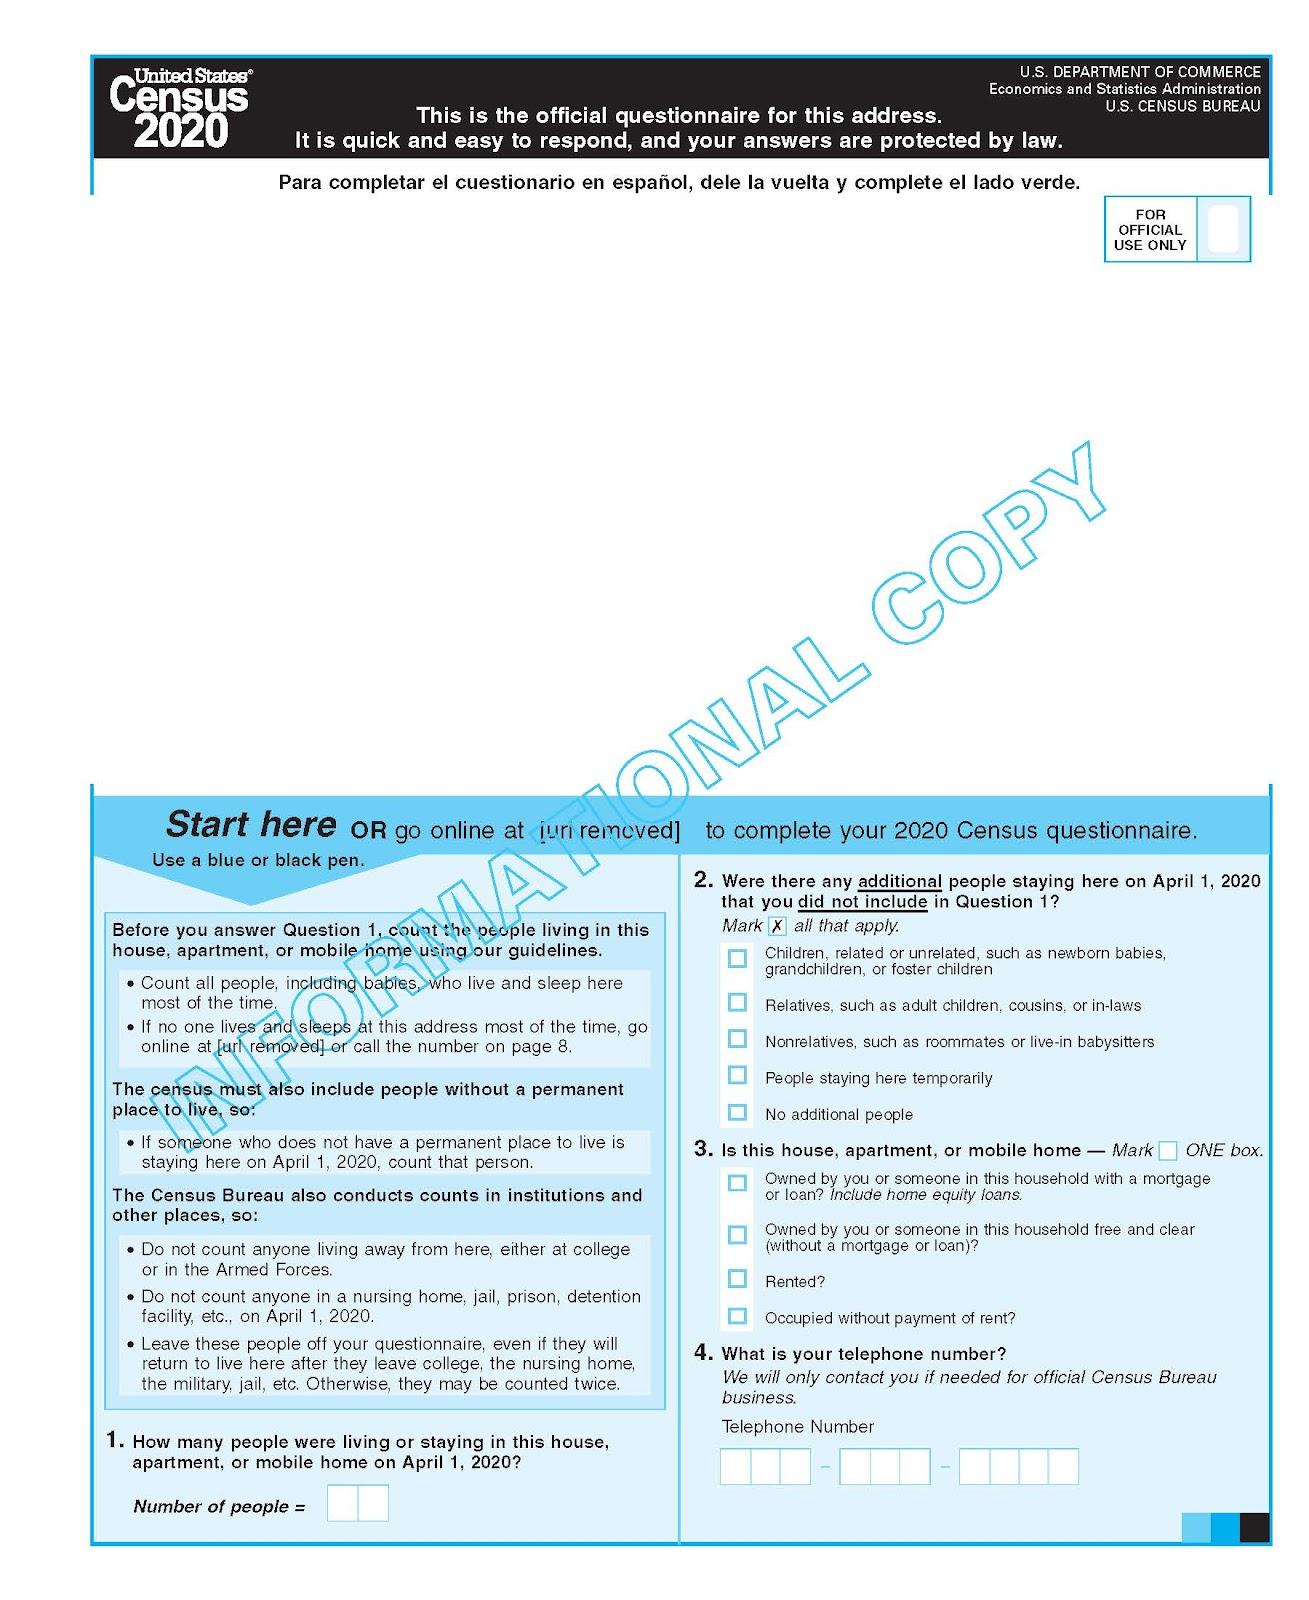 Example 2020 Census